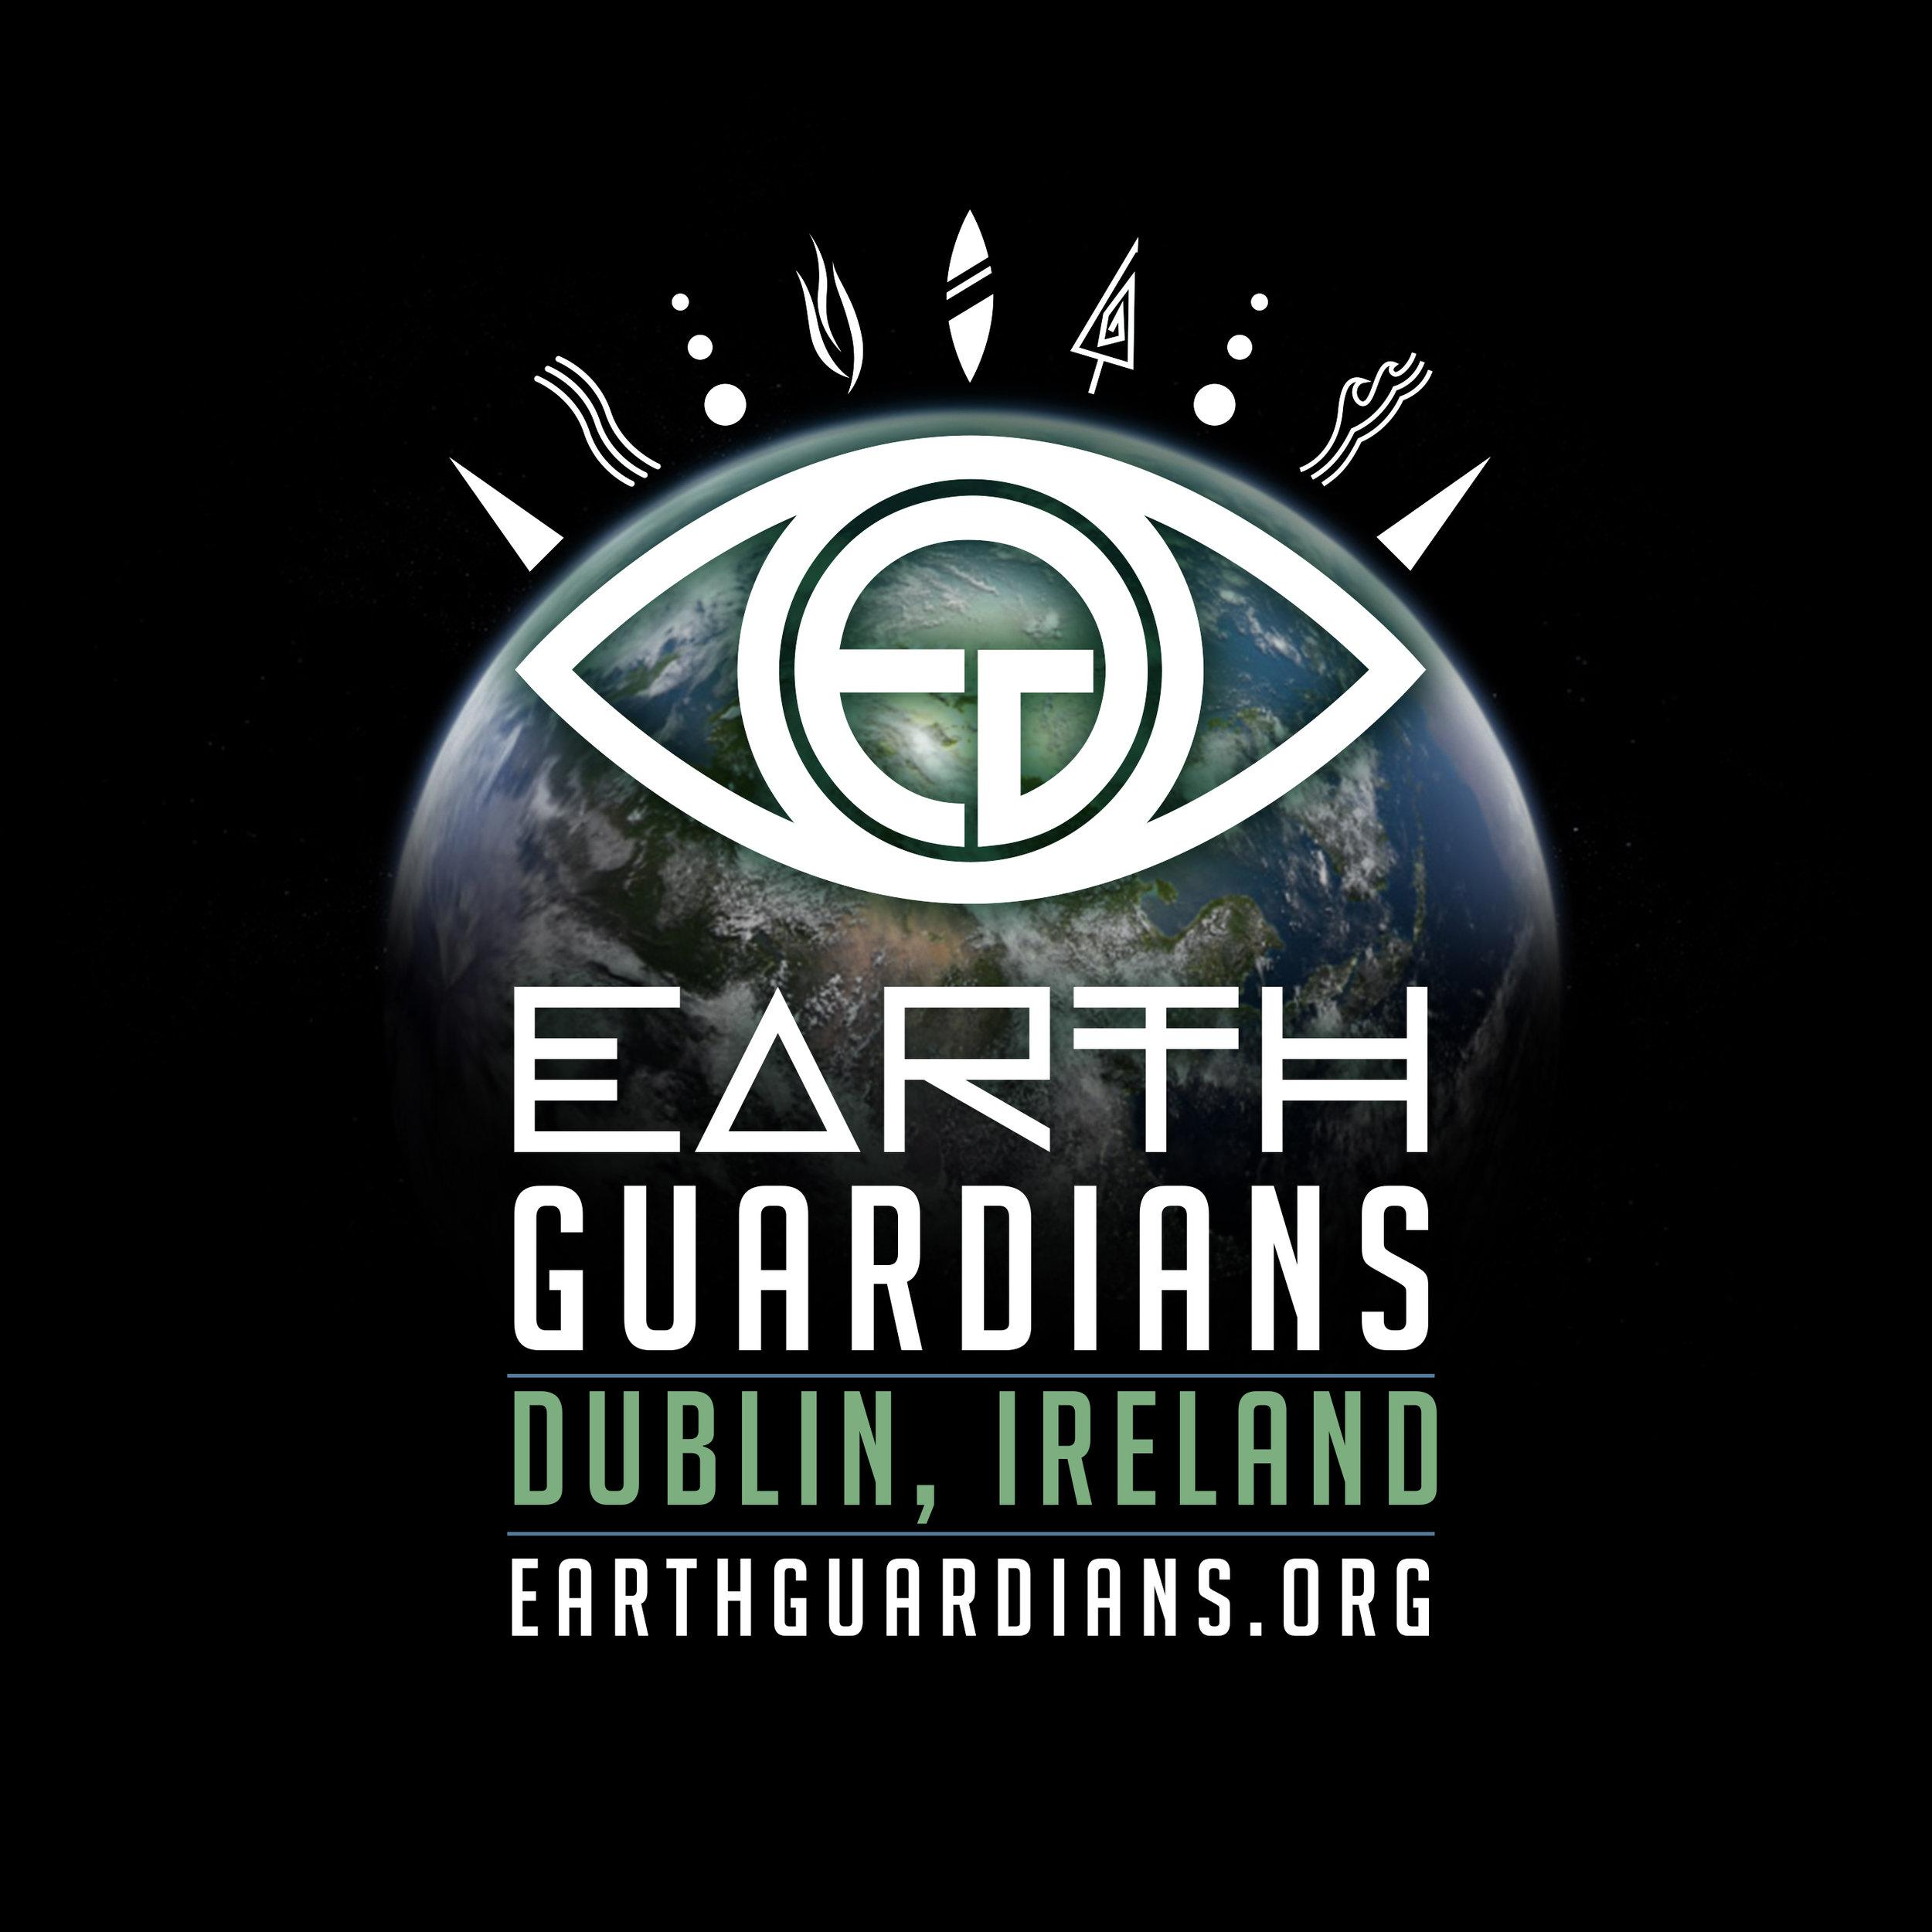 EG_Dublin.jpg